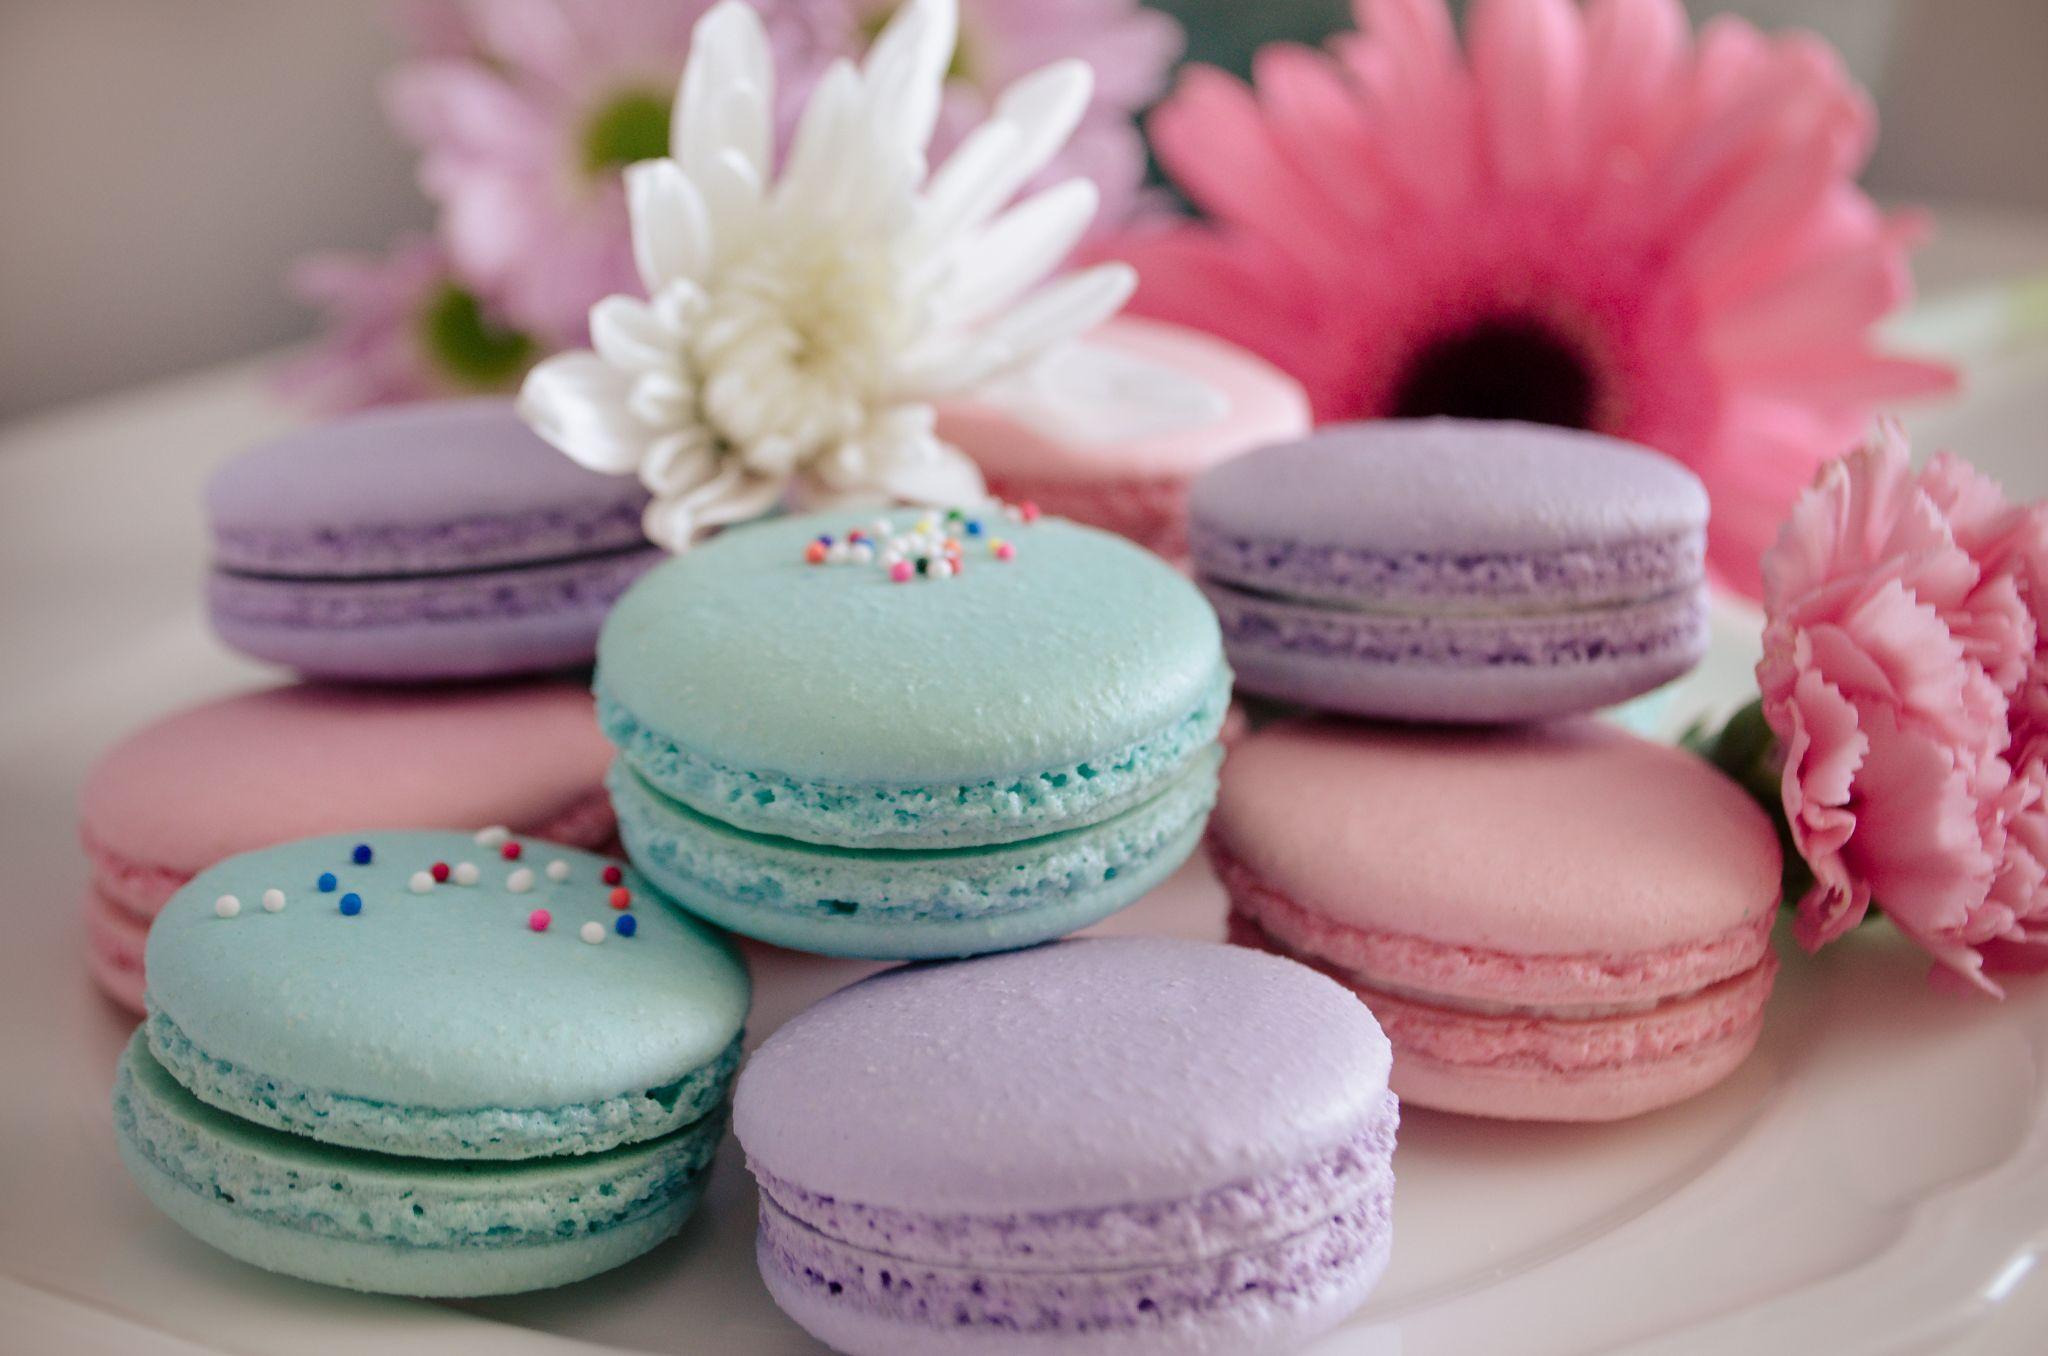 Easter macaron gift box fresh baked wedding cake roanoke